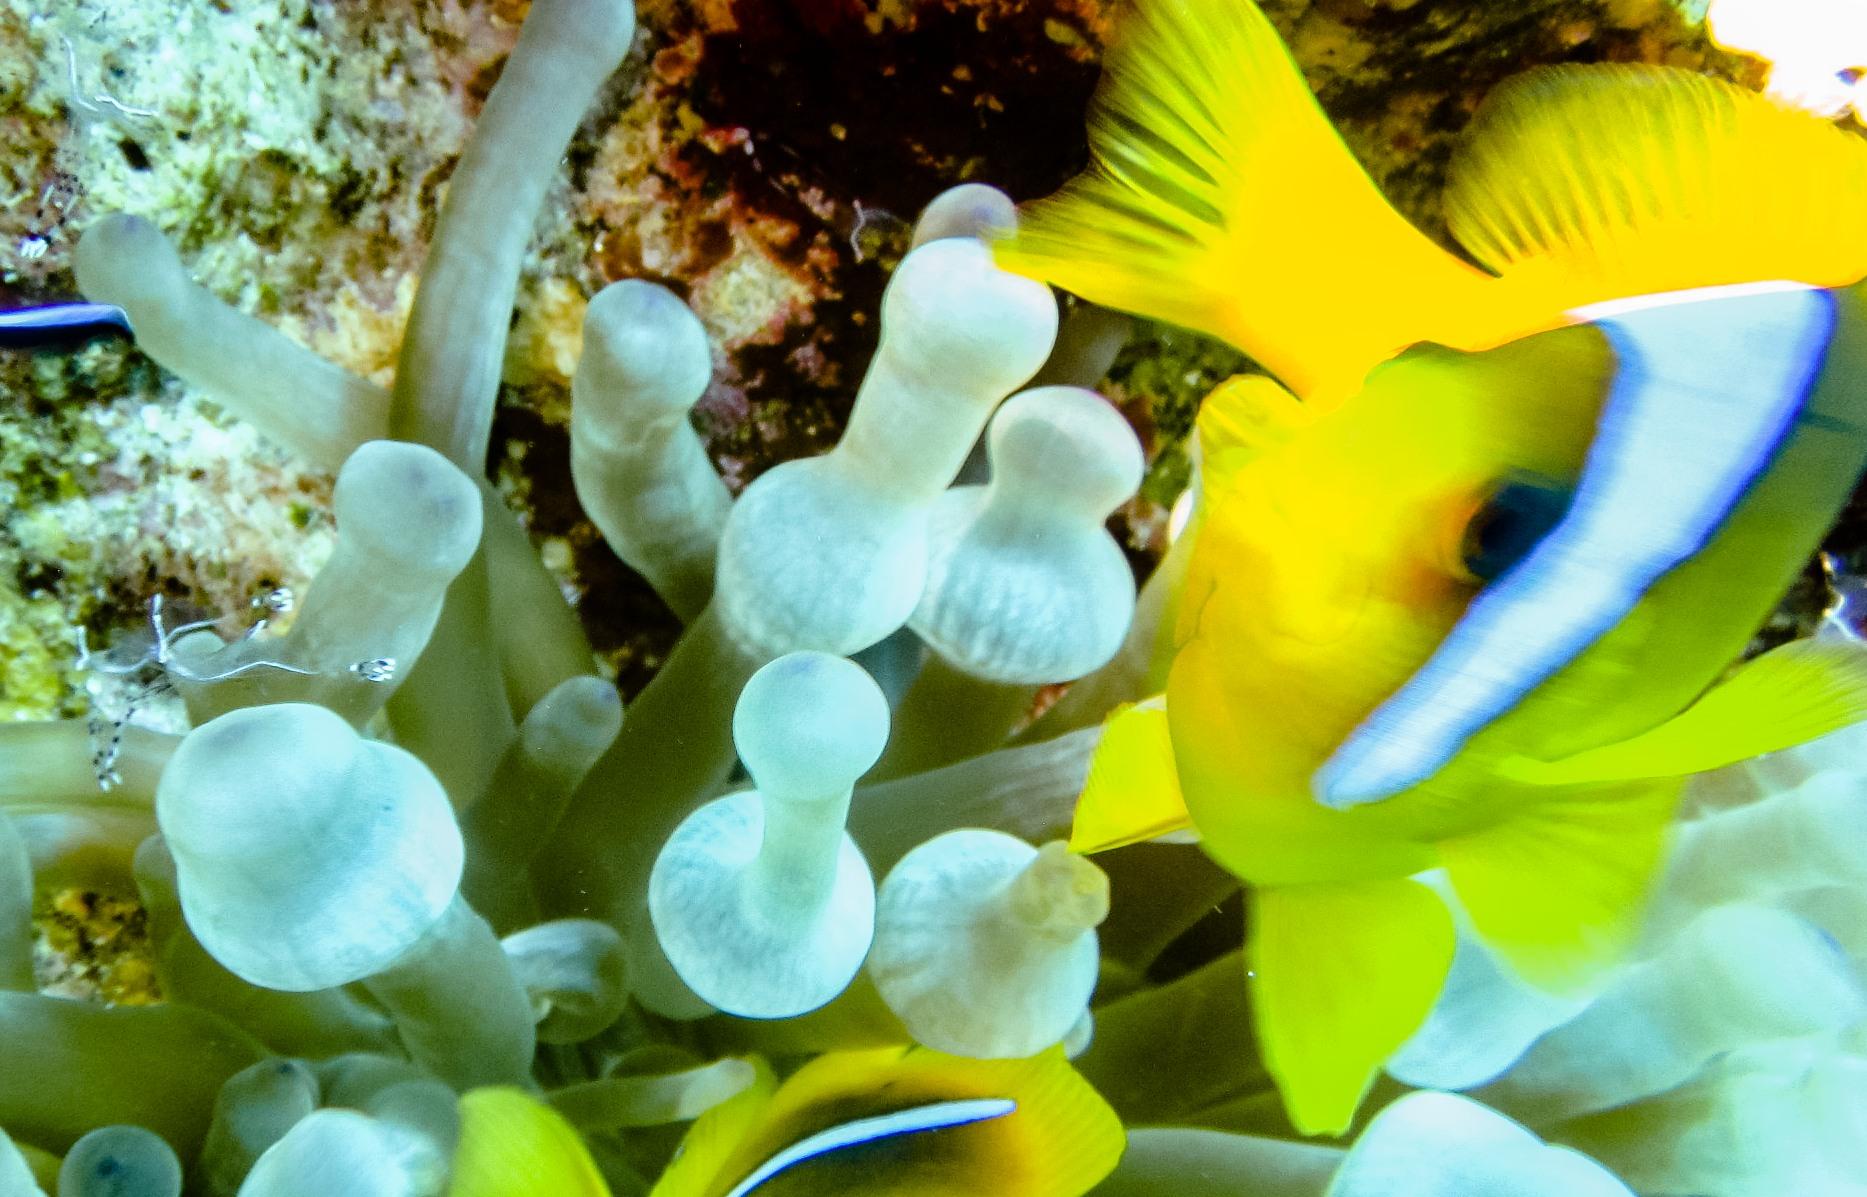 Красноморский амфиприон (Amphiprion bicinctus), Анемоновая креветка (Ancylomenes longicarpus), Актиния пузырчатая (Bubble Anemonquadricolor)